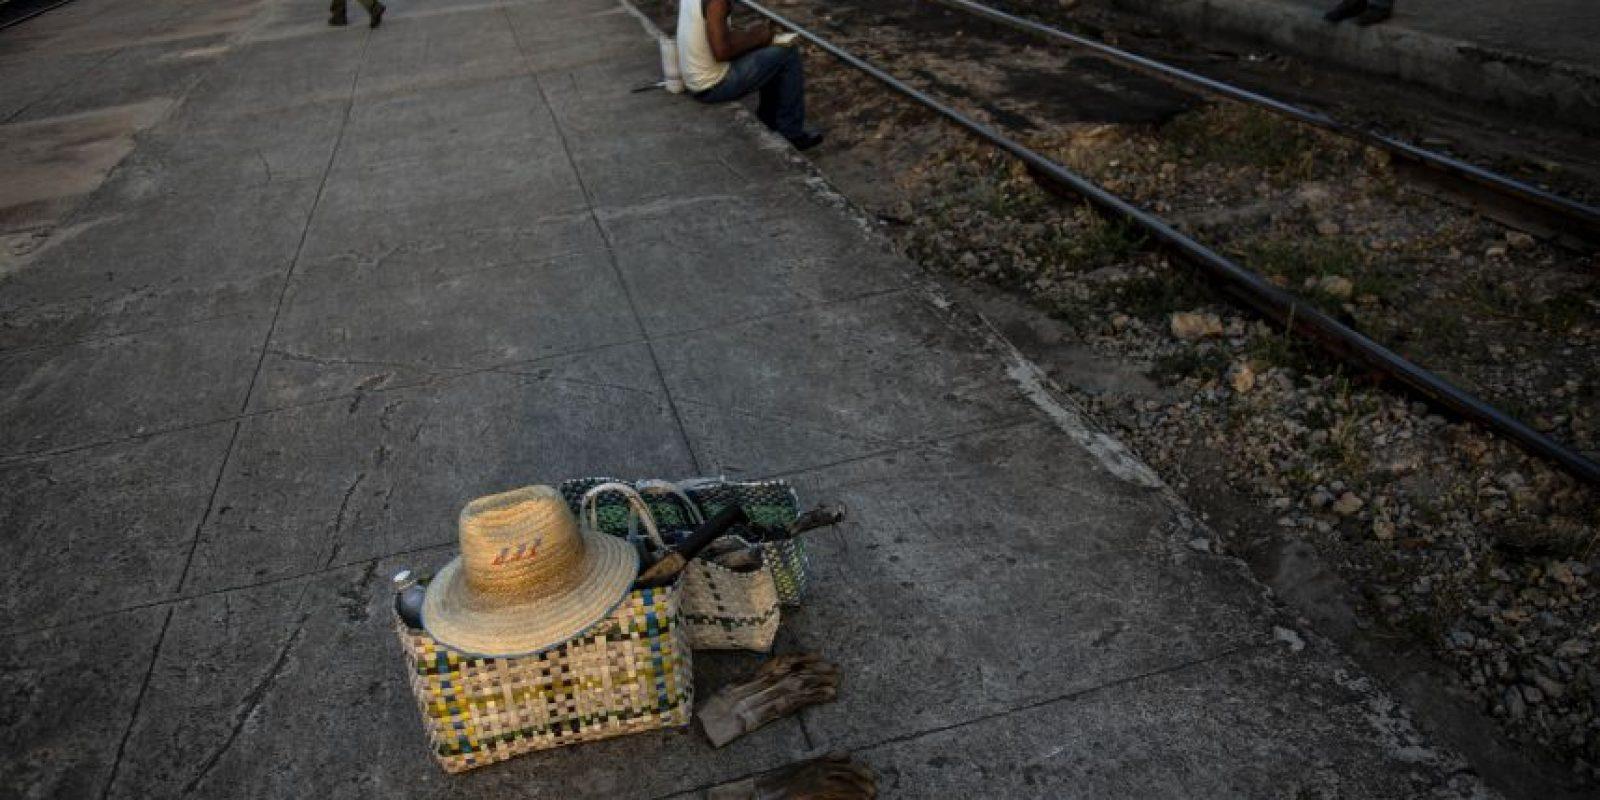 En esta fotografía del 23 de marzo de 2015, herramientas de un trabajador de mantenimiento ferroviario yacen junto a las vías antes de que él inicie su día de trabajo en San Luis, cerca de Santiago de Cuba. De este a oeste, los trenes ofrecen una vista de Cuba en cámara lenta y alta definición que pocos extranjeros ven alguna vez. Foto:AP Photo/ Ramón Espionsa